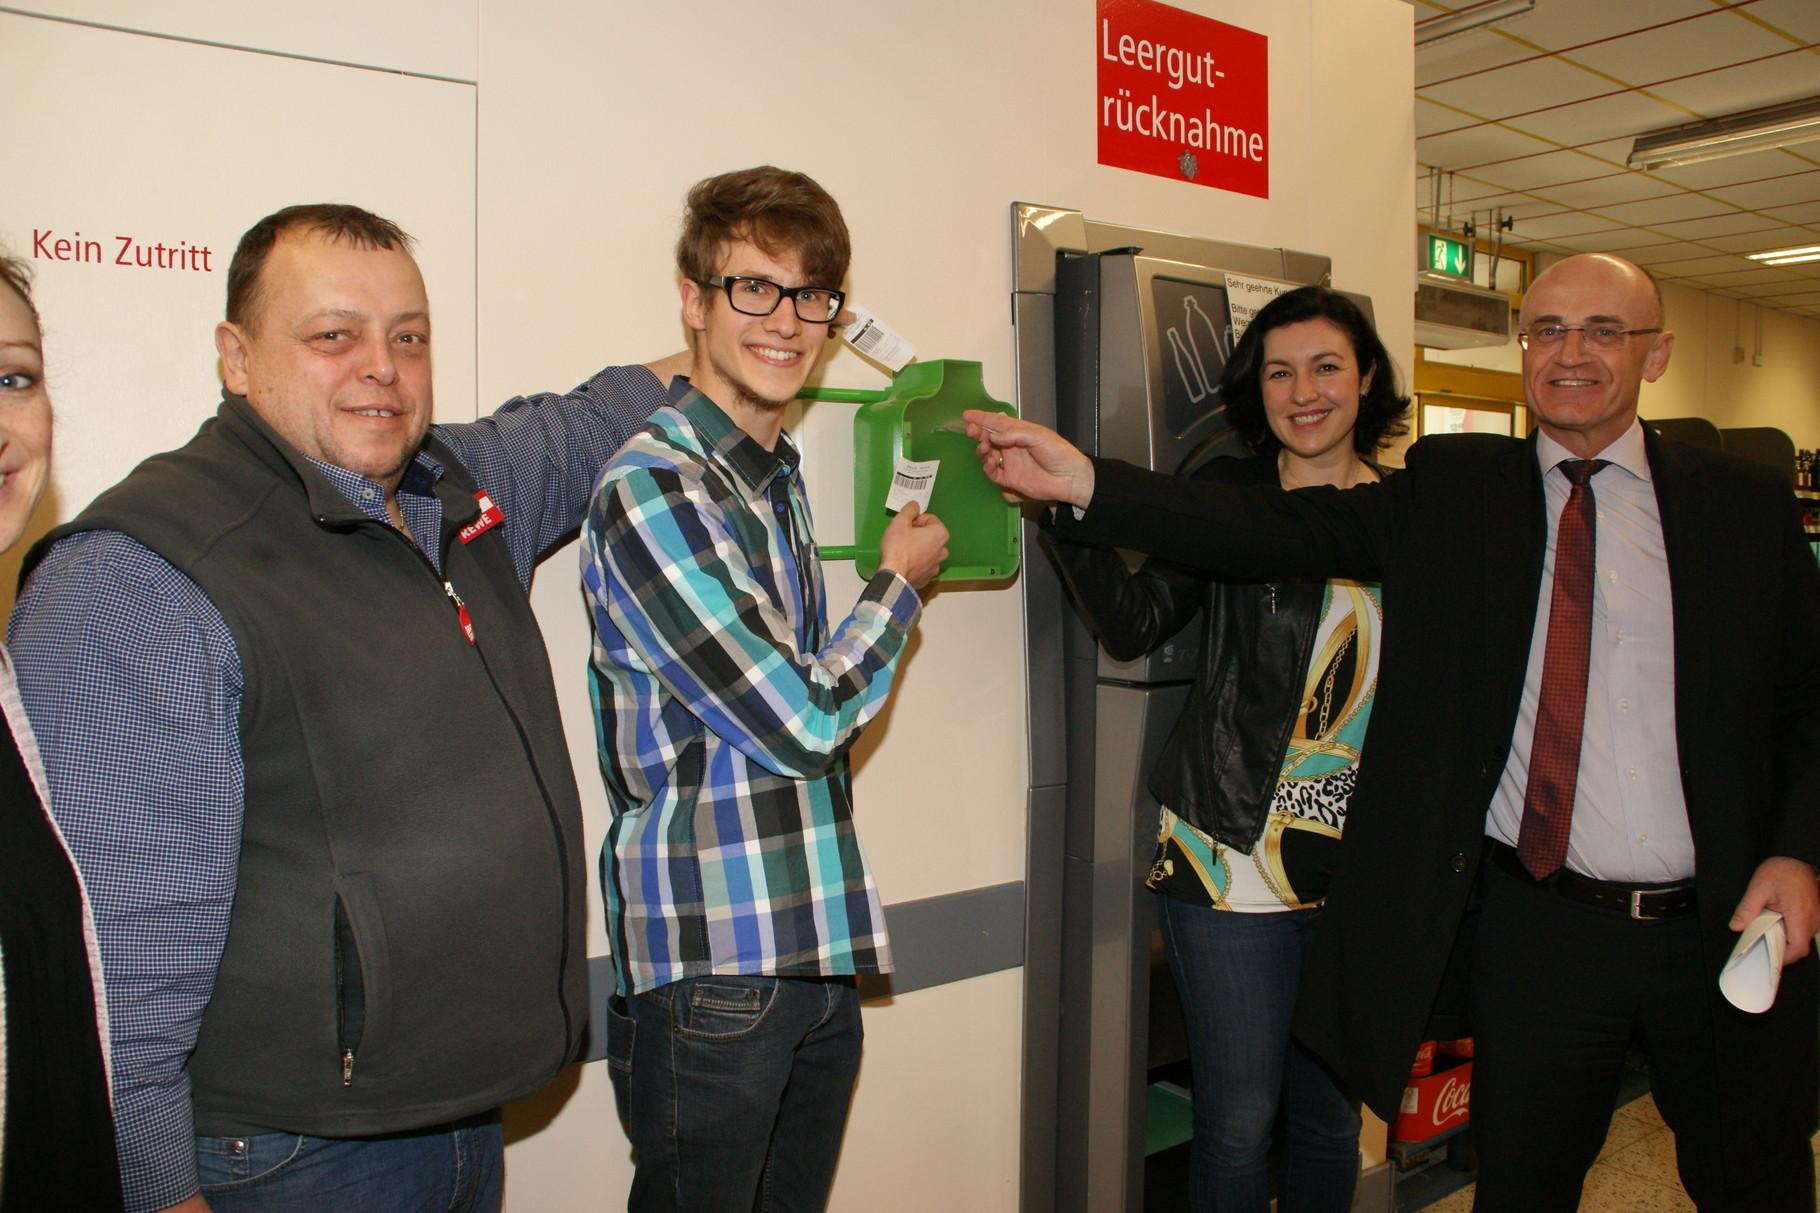 Die ersten 20 € Pfand hat Jürgen Mück selbst gespendet - vielen Dank! :)